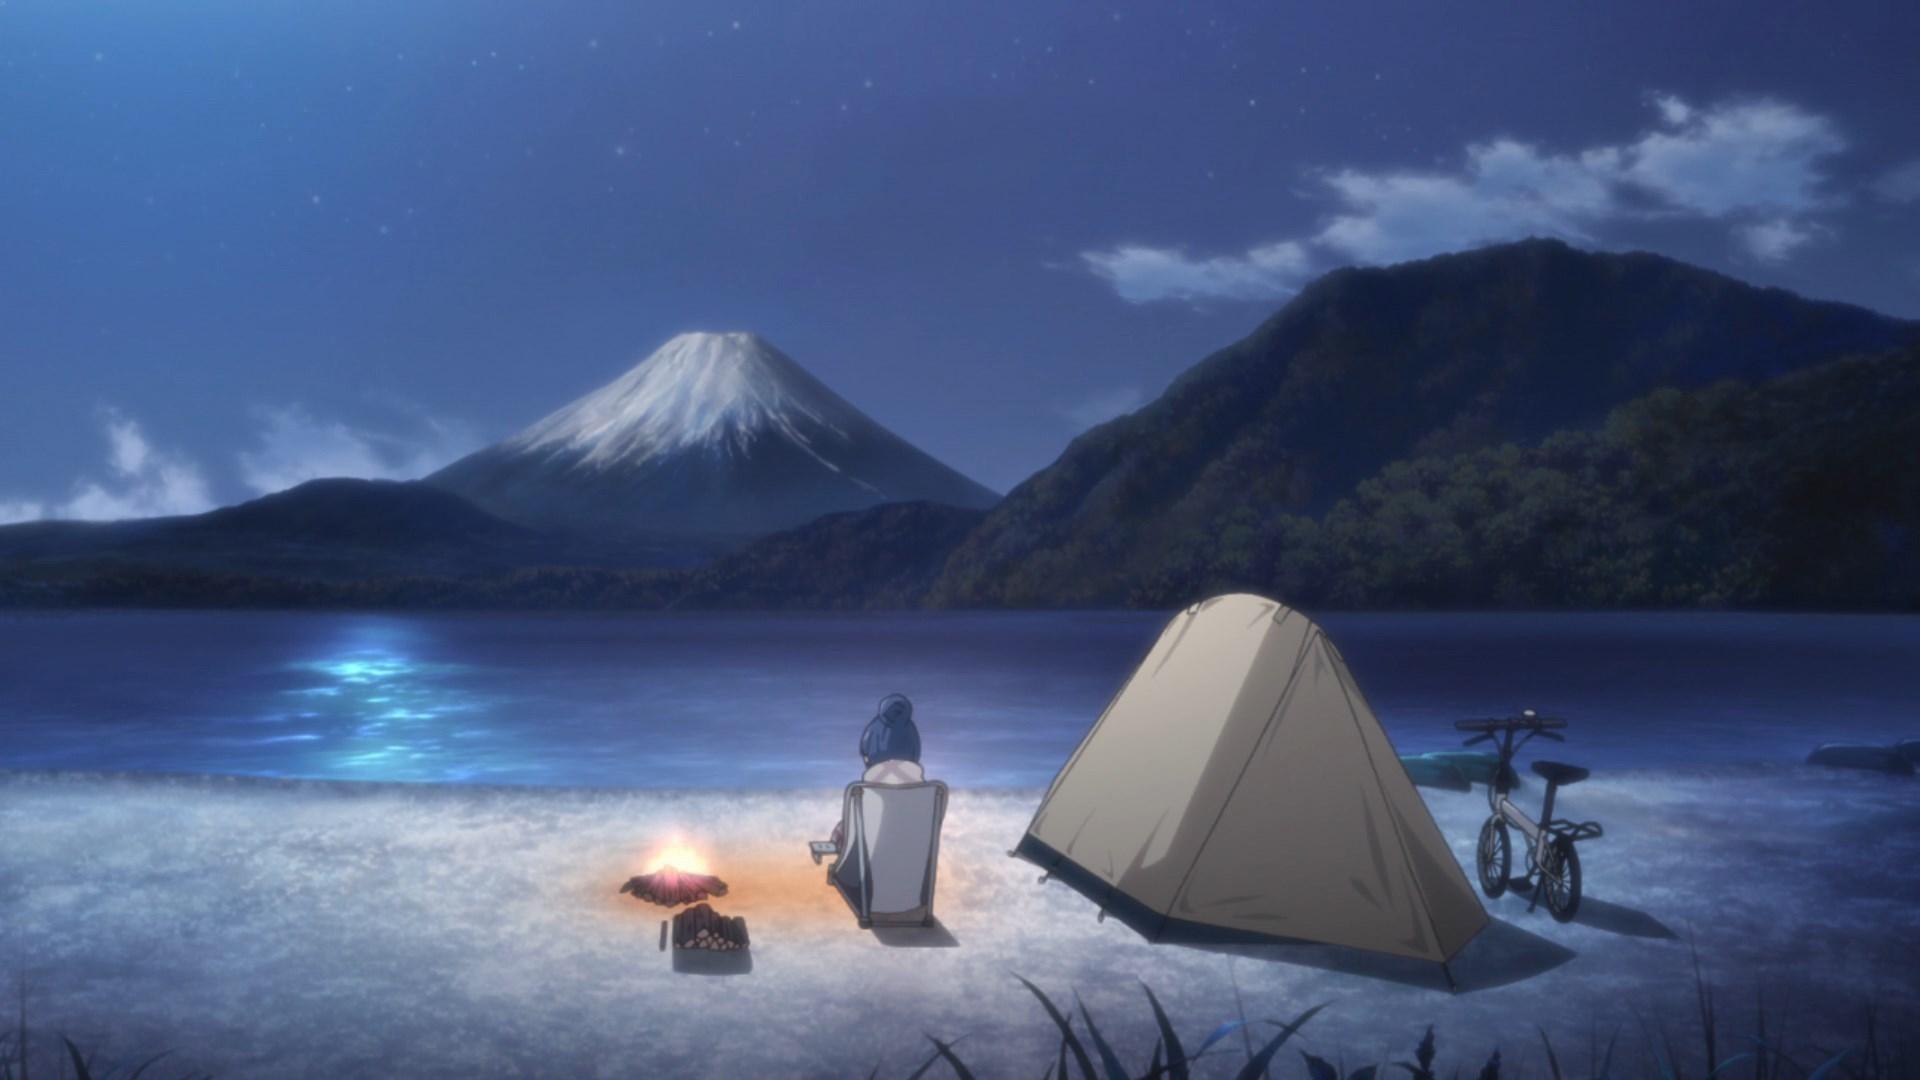 20+ Yuru Camp Wallpaper  Pics